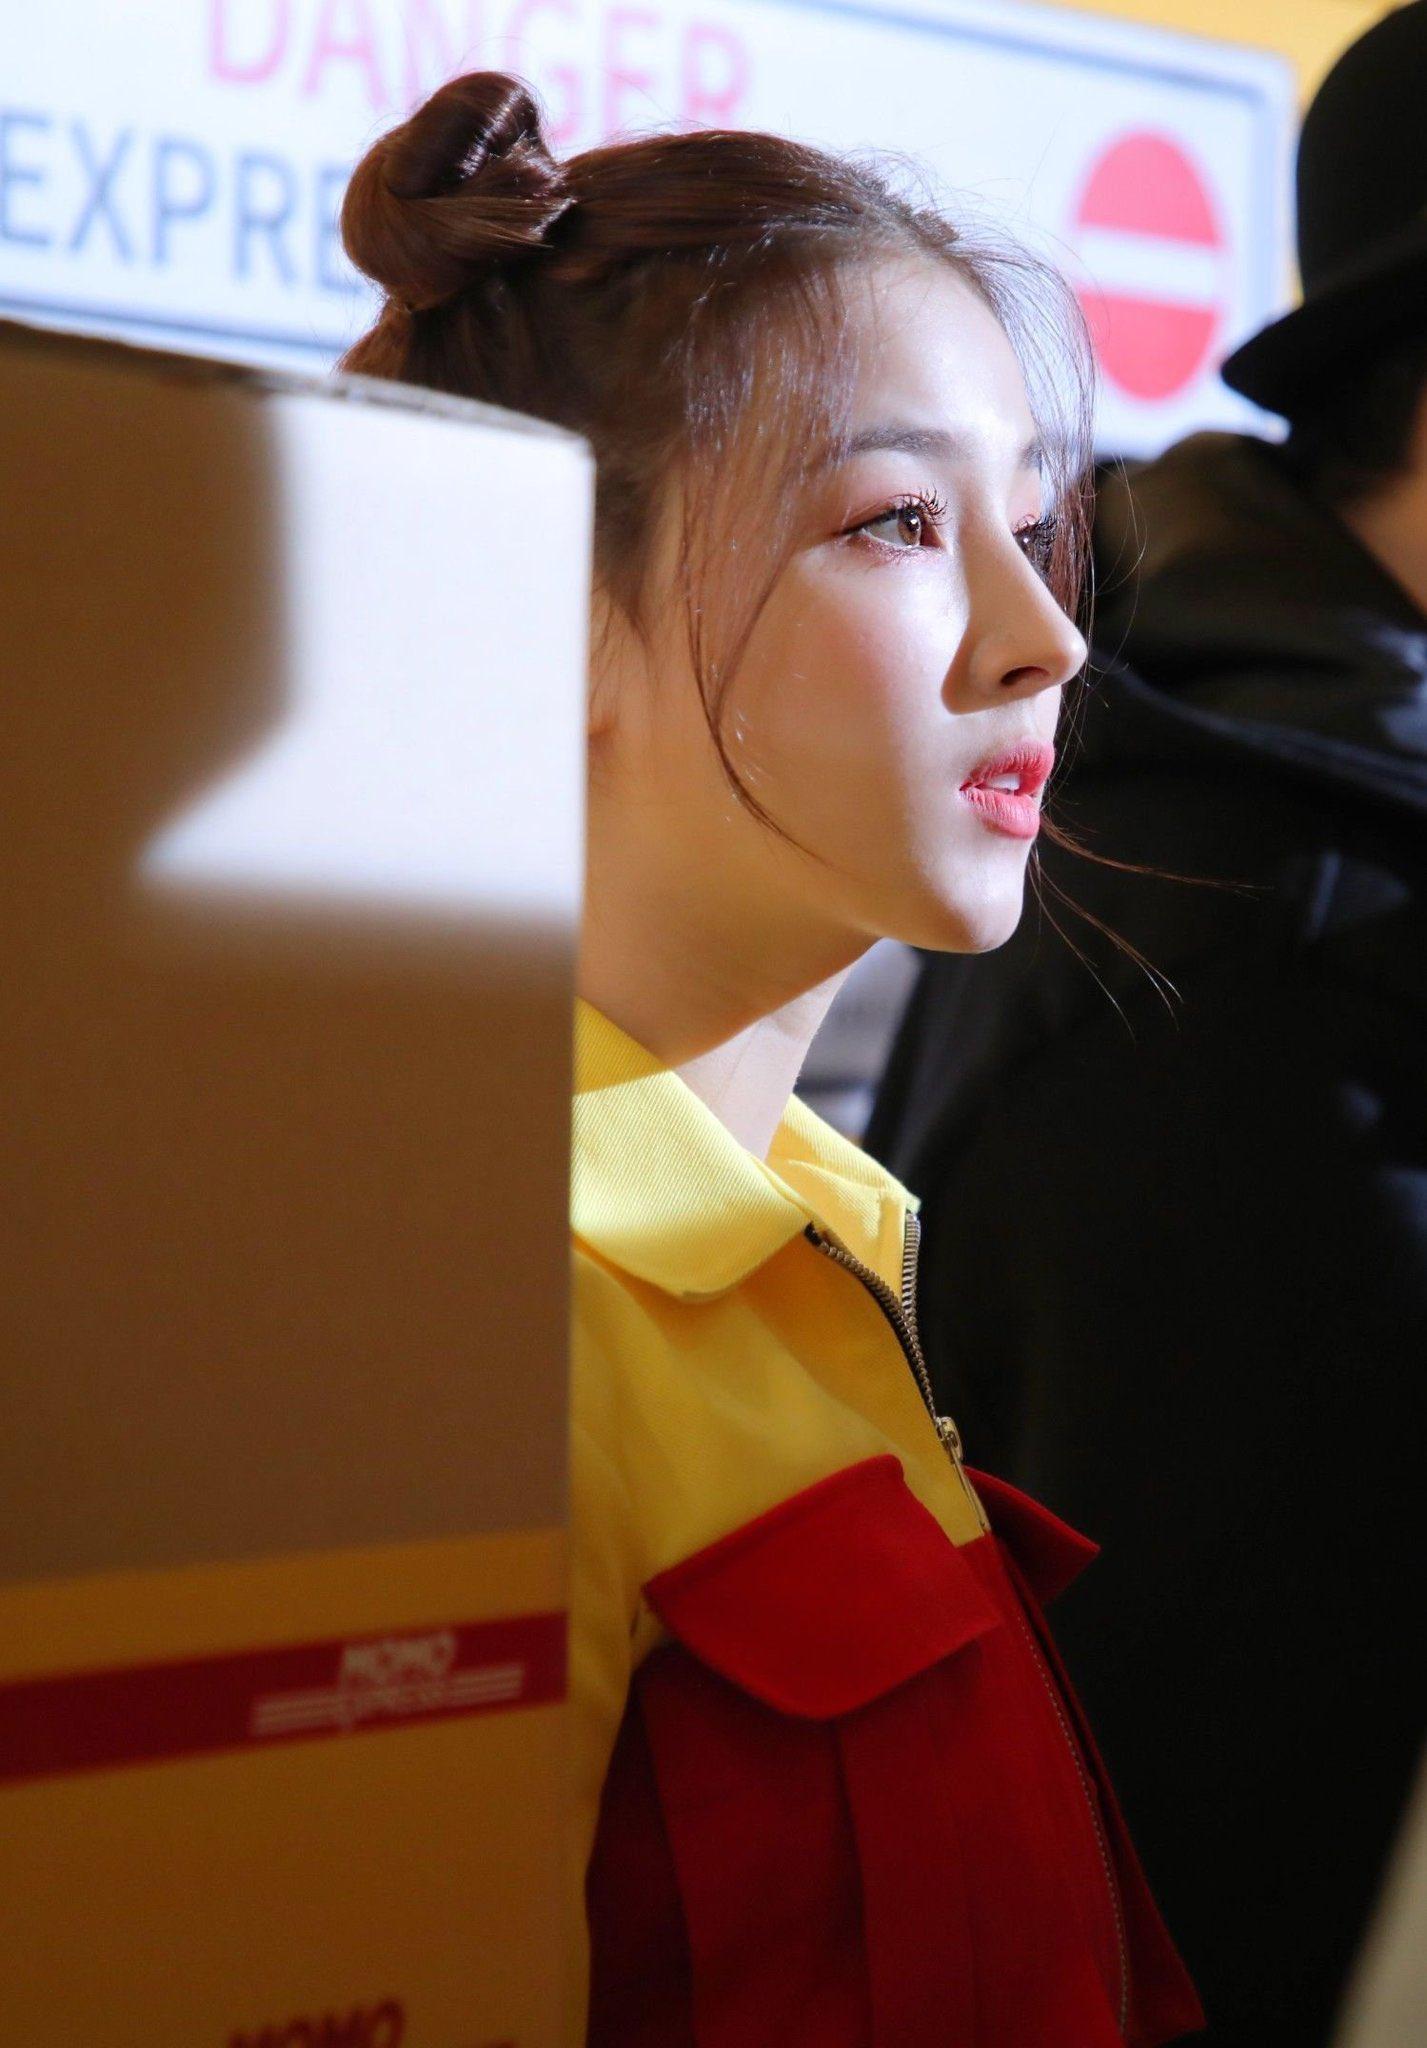 """Body hiện tại của """"thiên thần lai đẹp nhất xứ Hàn"""" bị khán giả Việt chê như đuông dừa - 1"""